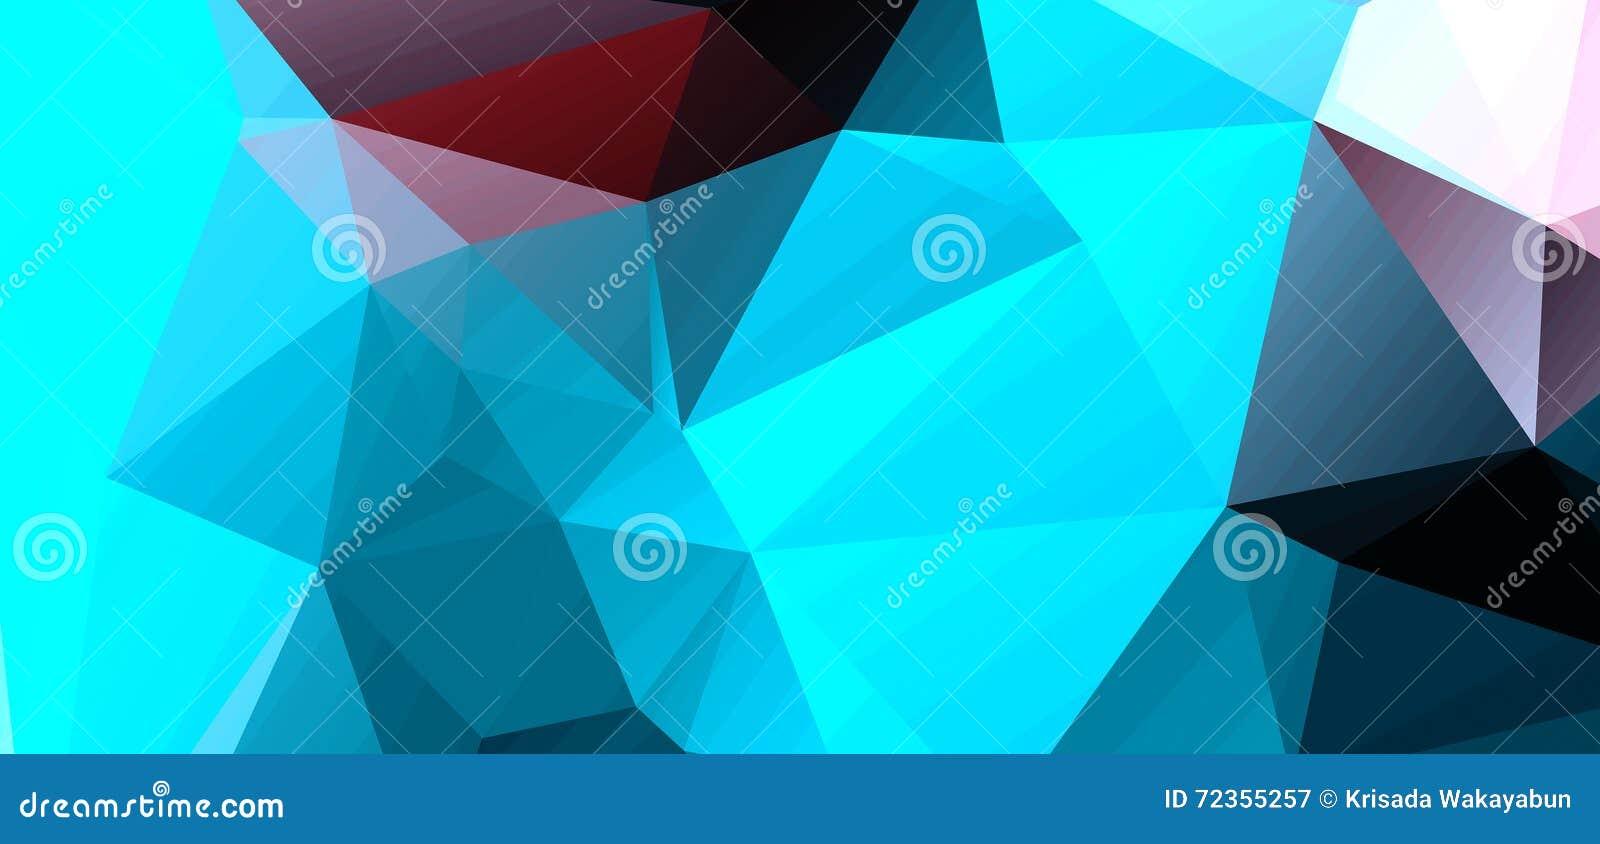 包括三角的抽象背景